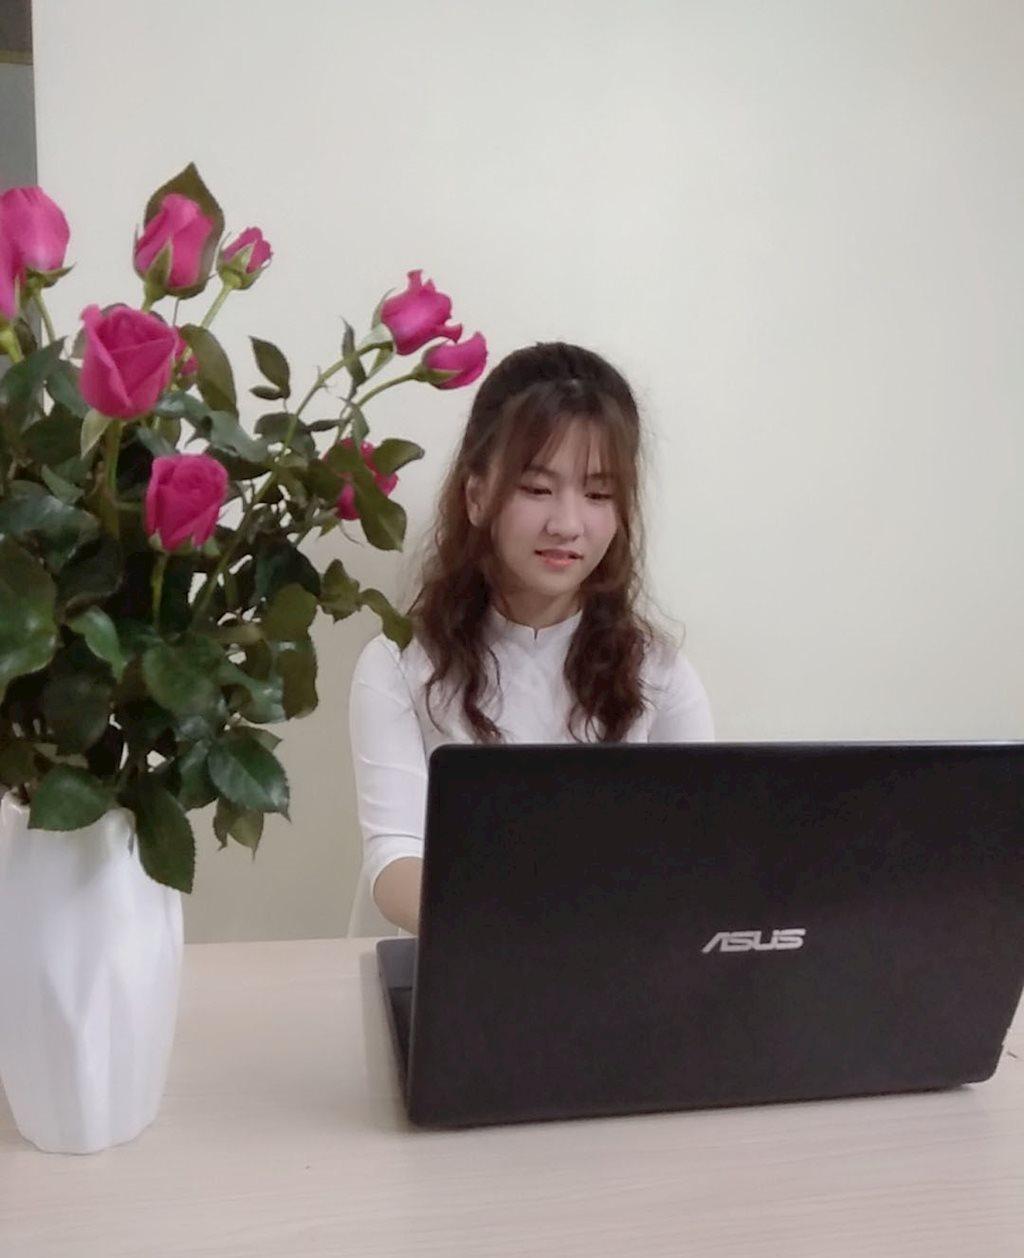 Nữ sinh 17 tuổi sắp tốt nghiệp đại học nhờ học online tại FUNiX | Chủ tịch FPT tặng 4 phần thưởng đặc biệt cho một nữ sinh viên 17 tuổi